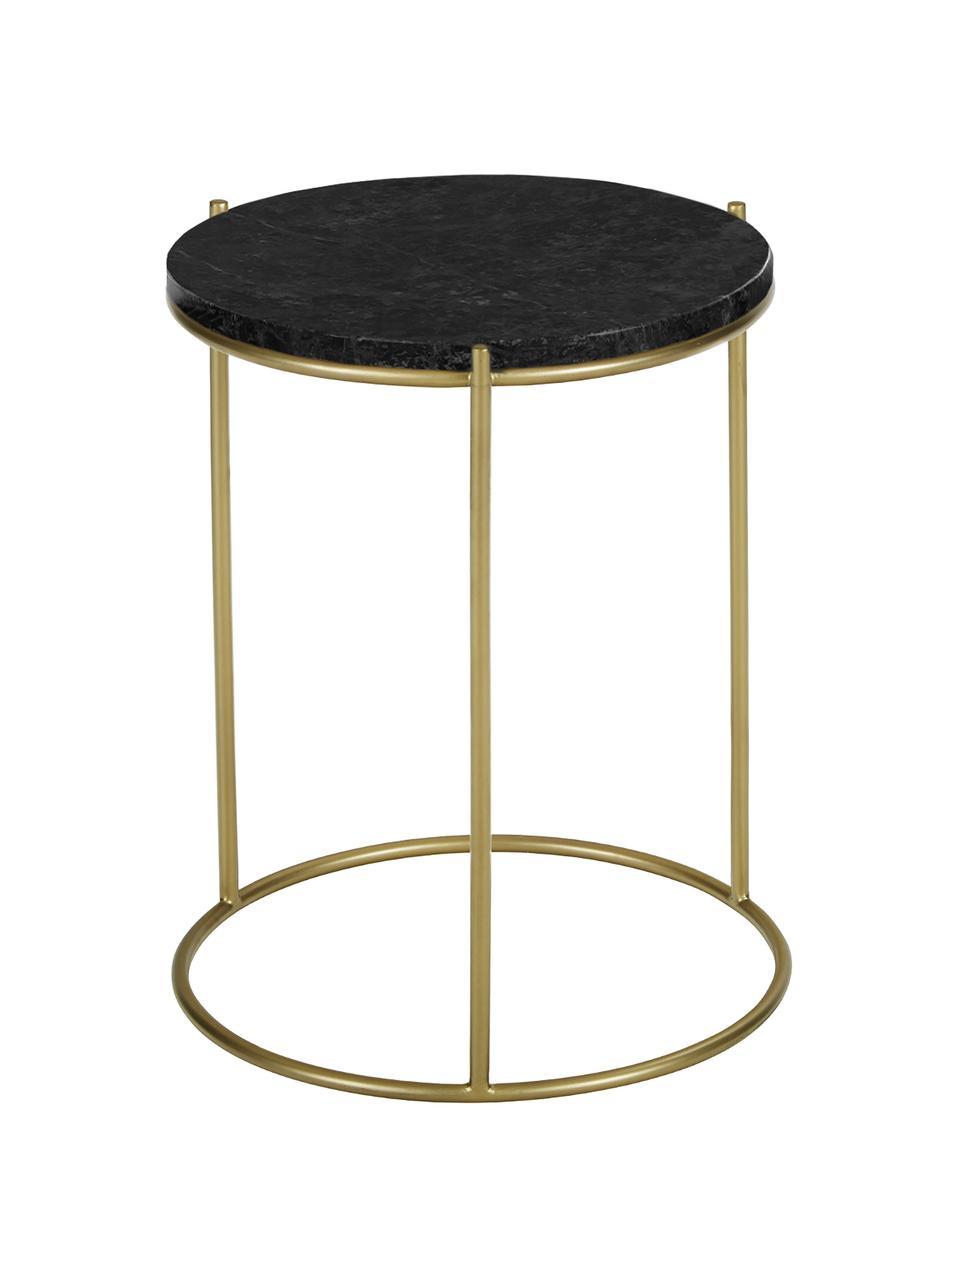 Okrągły stolik pomocniczy z marmuru Ella, Blat: marmur, Stelaż: metal malowany proszkowo, Blat: czarny marmur Stelaż: odcienie złotego, matowy, Ø 40 x W 50 cm